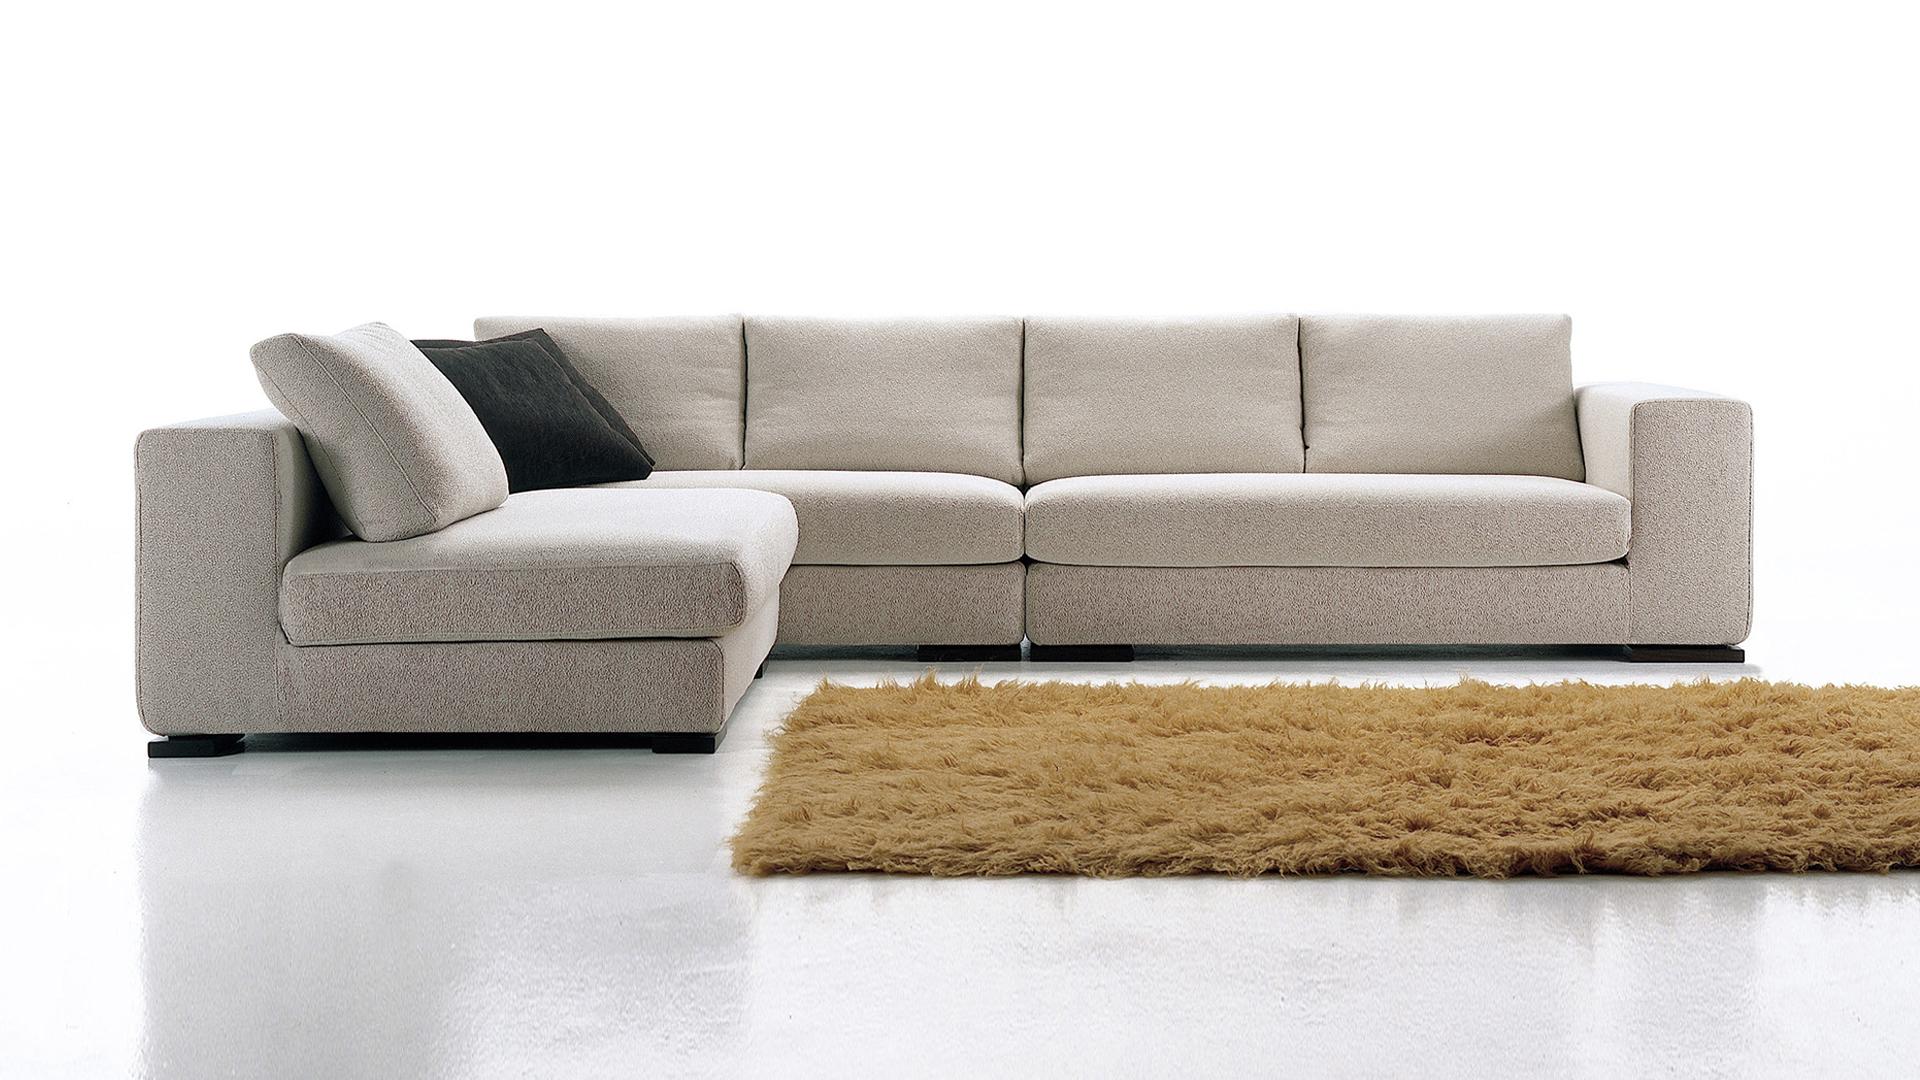 divano-angolare-componibile-maxwell-murtarelli